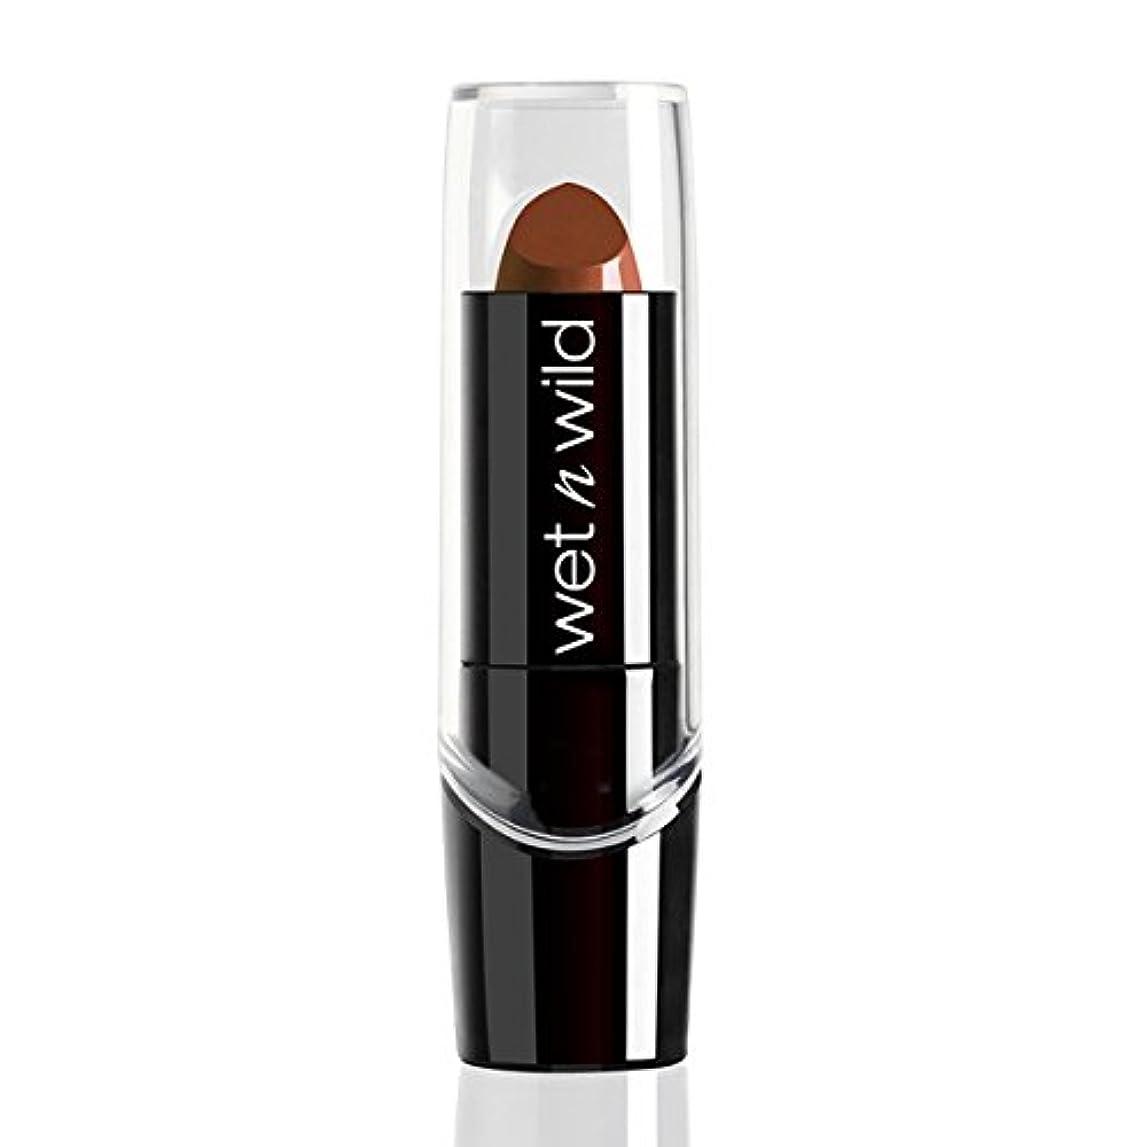 連続した甘やかすジーンズWET N WILD Silk Finish Lipstick - Mink Brown (並行輸入品)